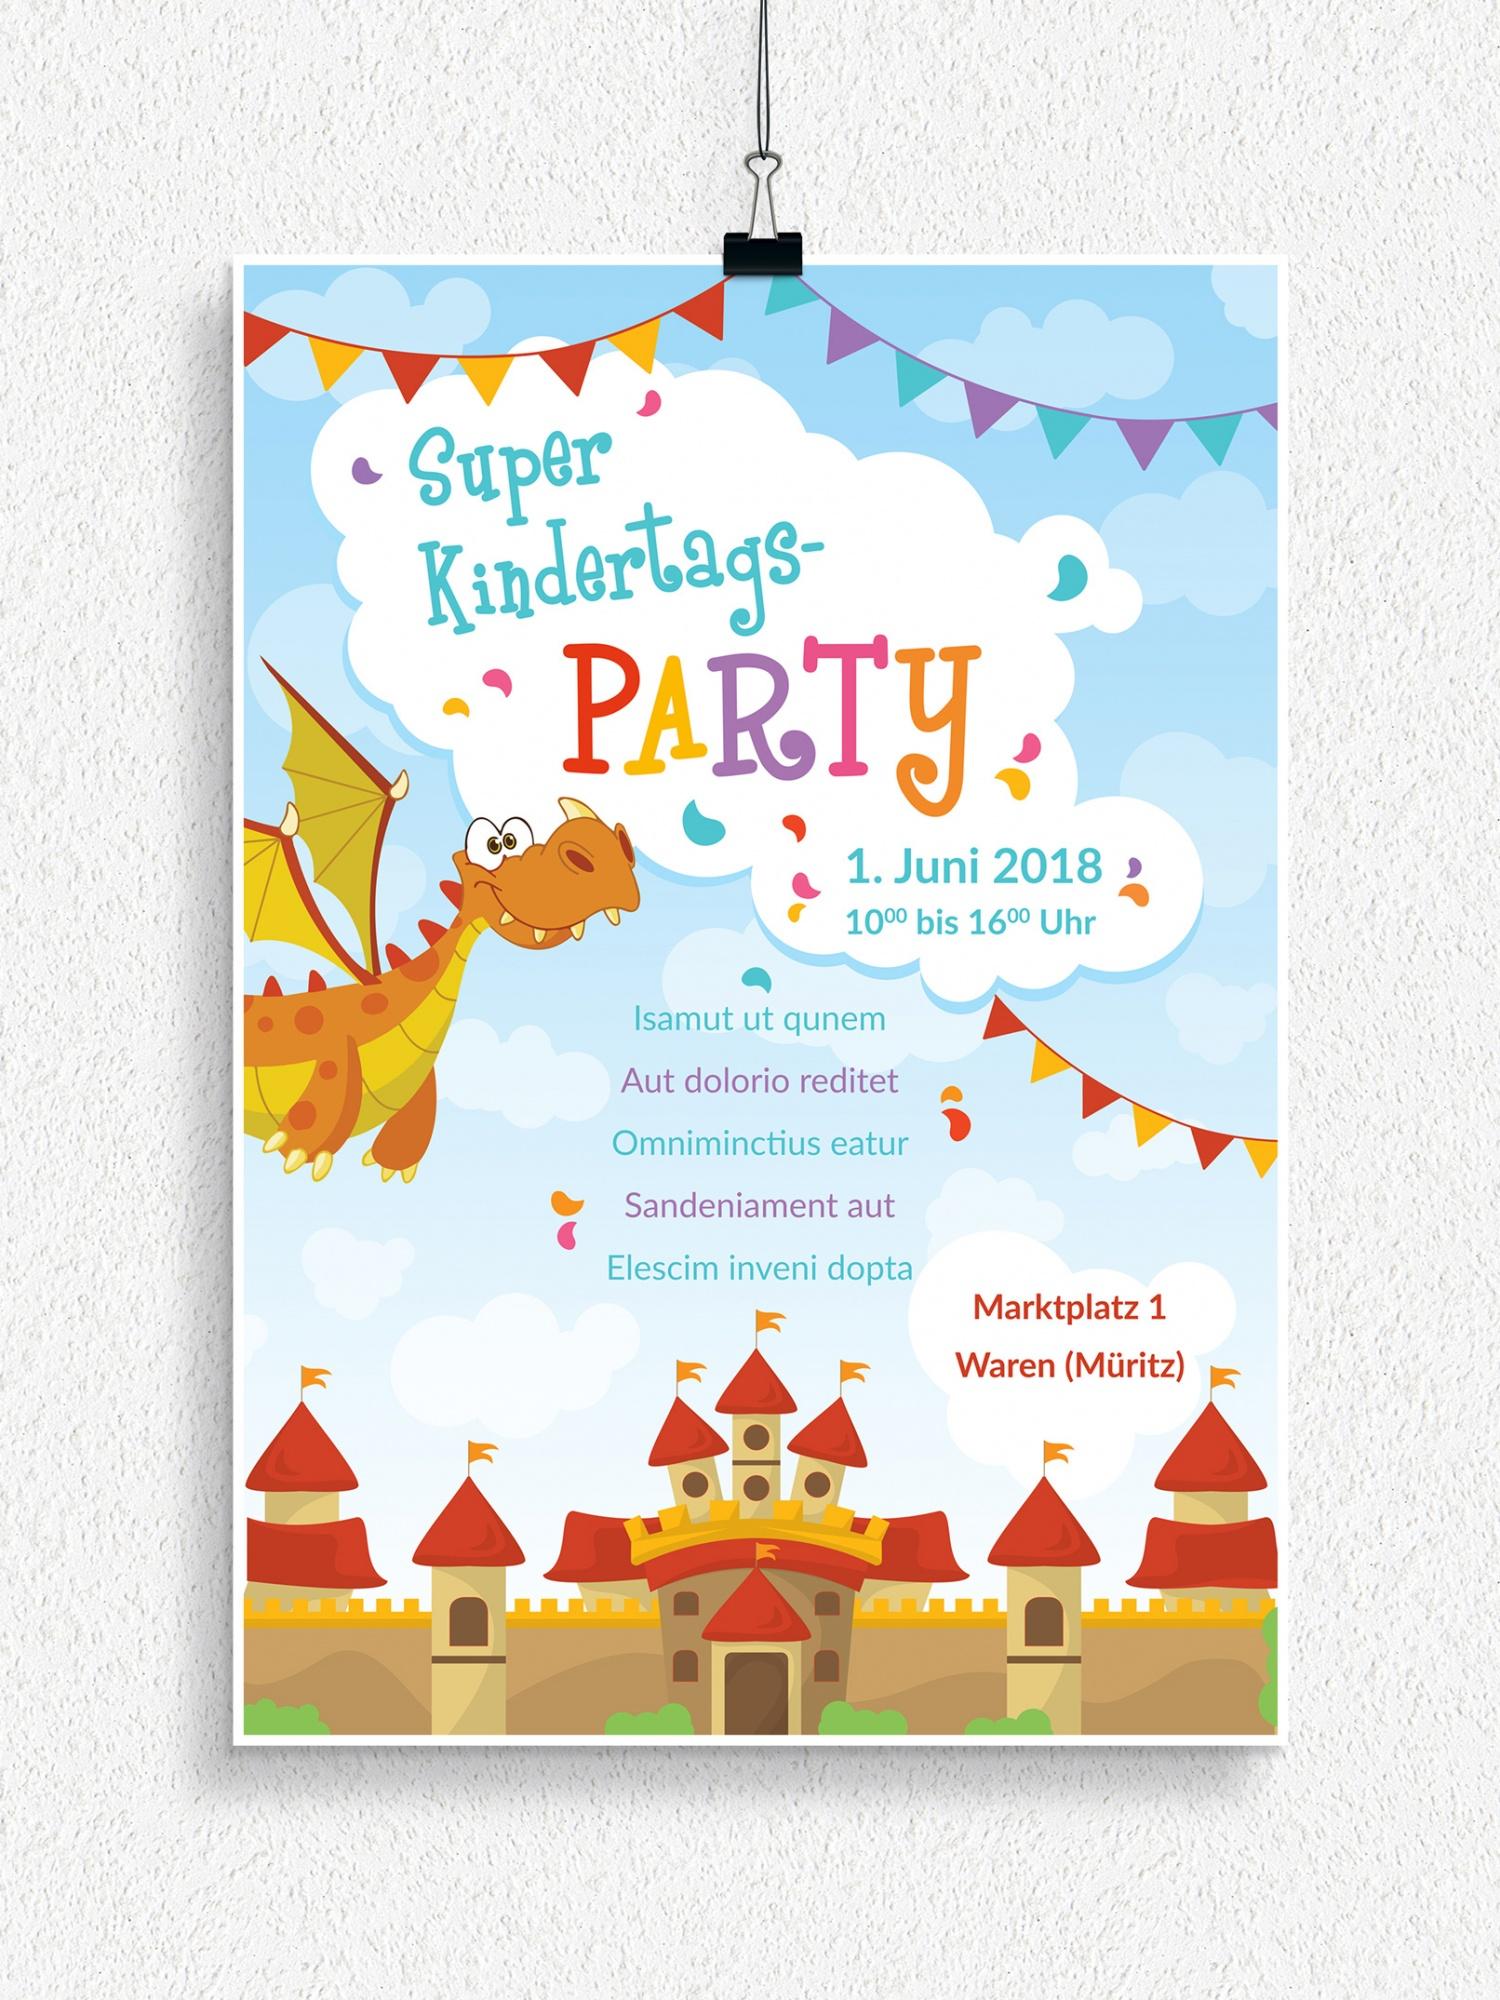 Poster, Flyer und Plakate zum Neptunfest und Kindertag